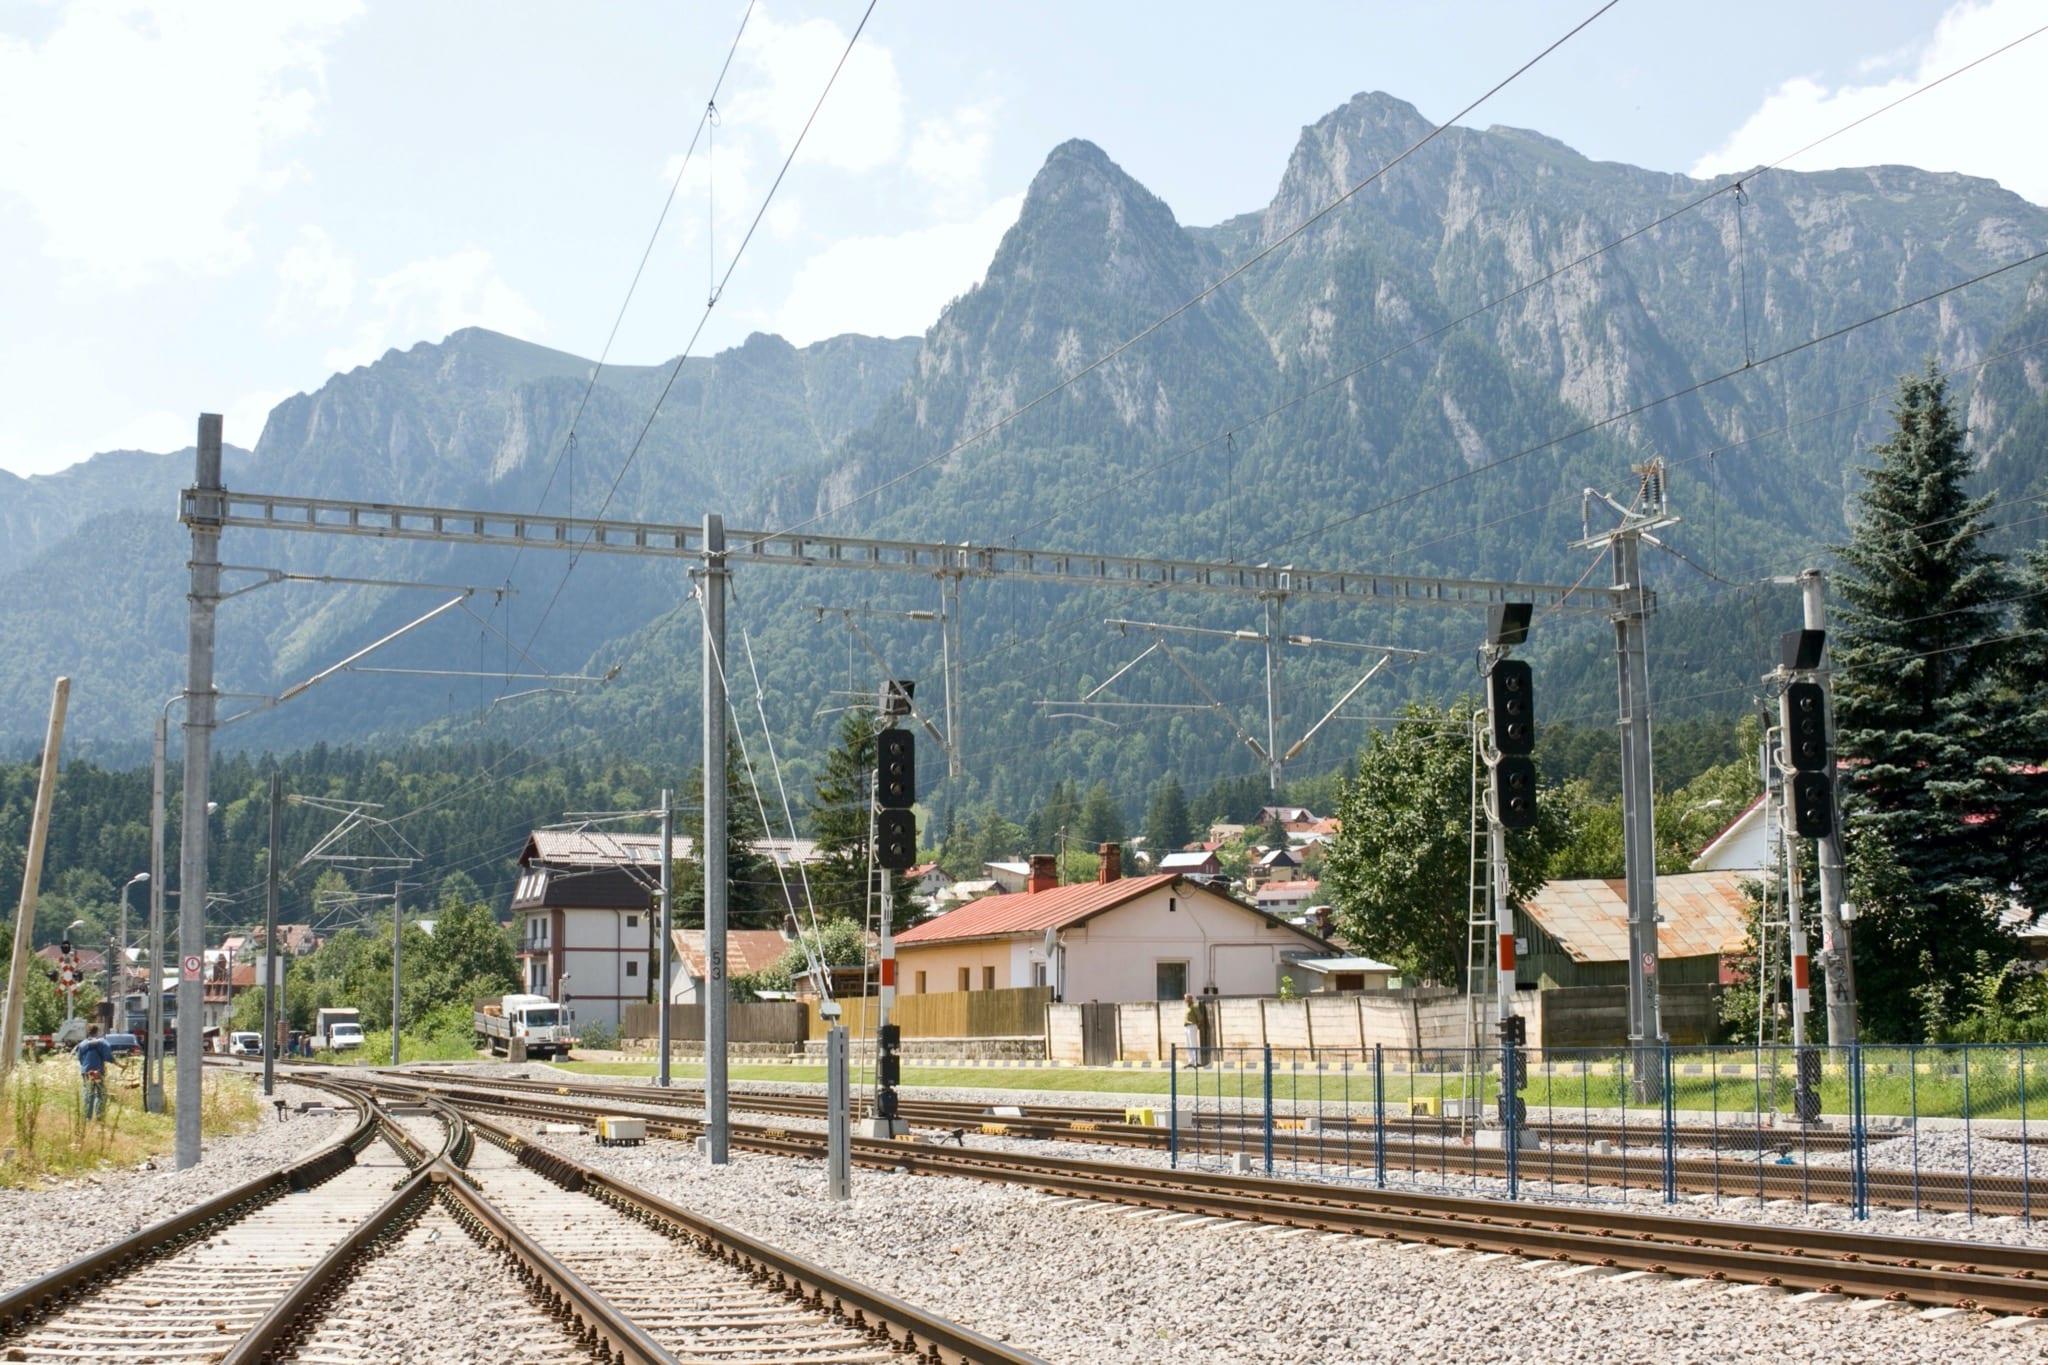 cfr sa traverse copy - Modernizarea infrastructurii feroviare, un factor declanșator pentru noi investiții imobiliare